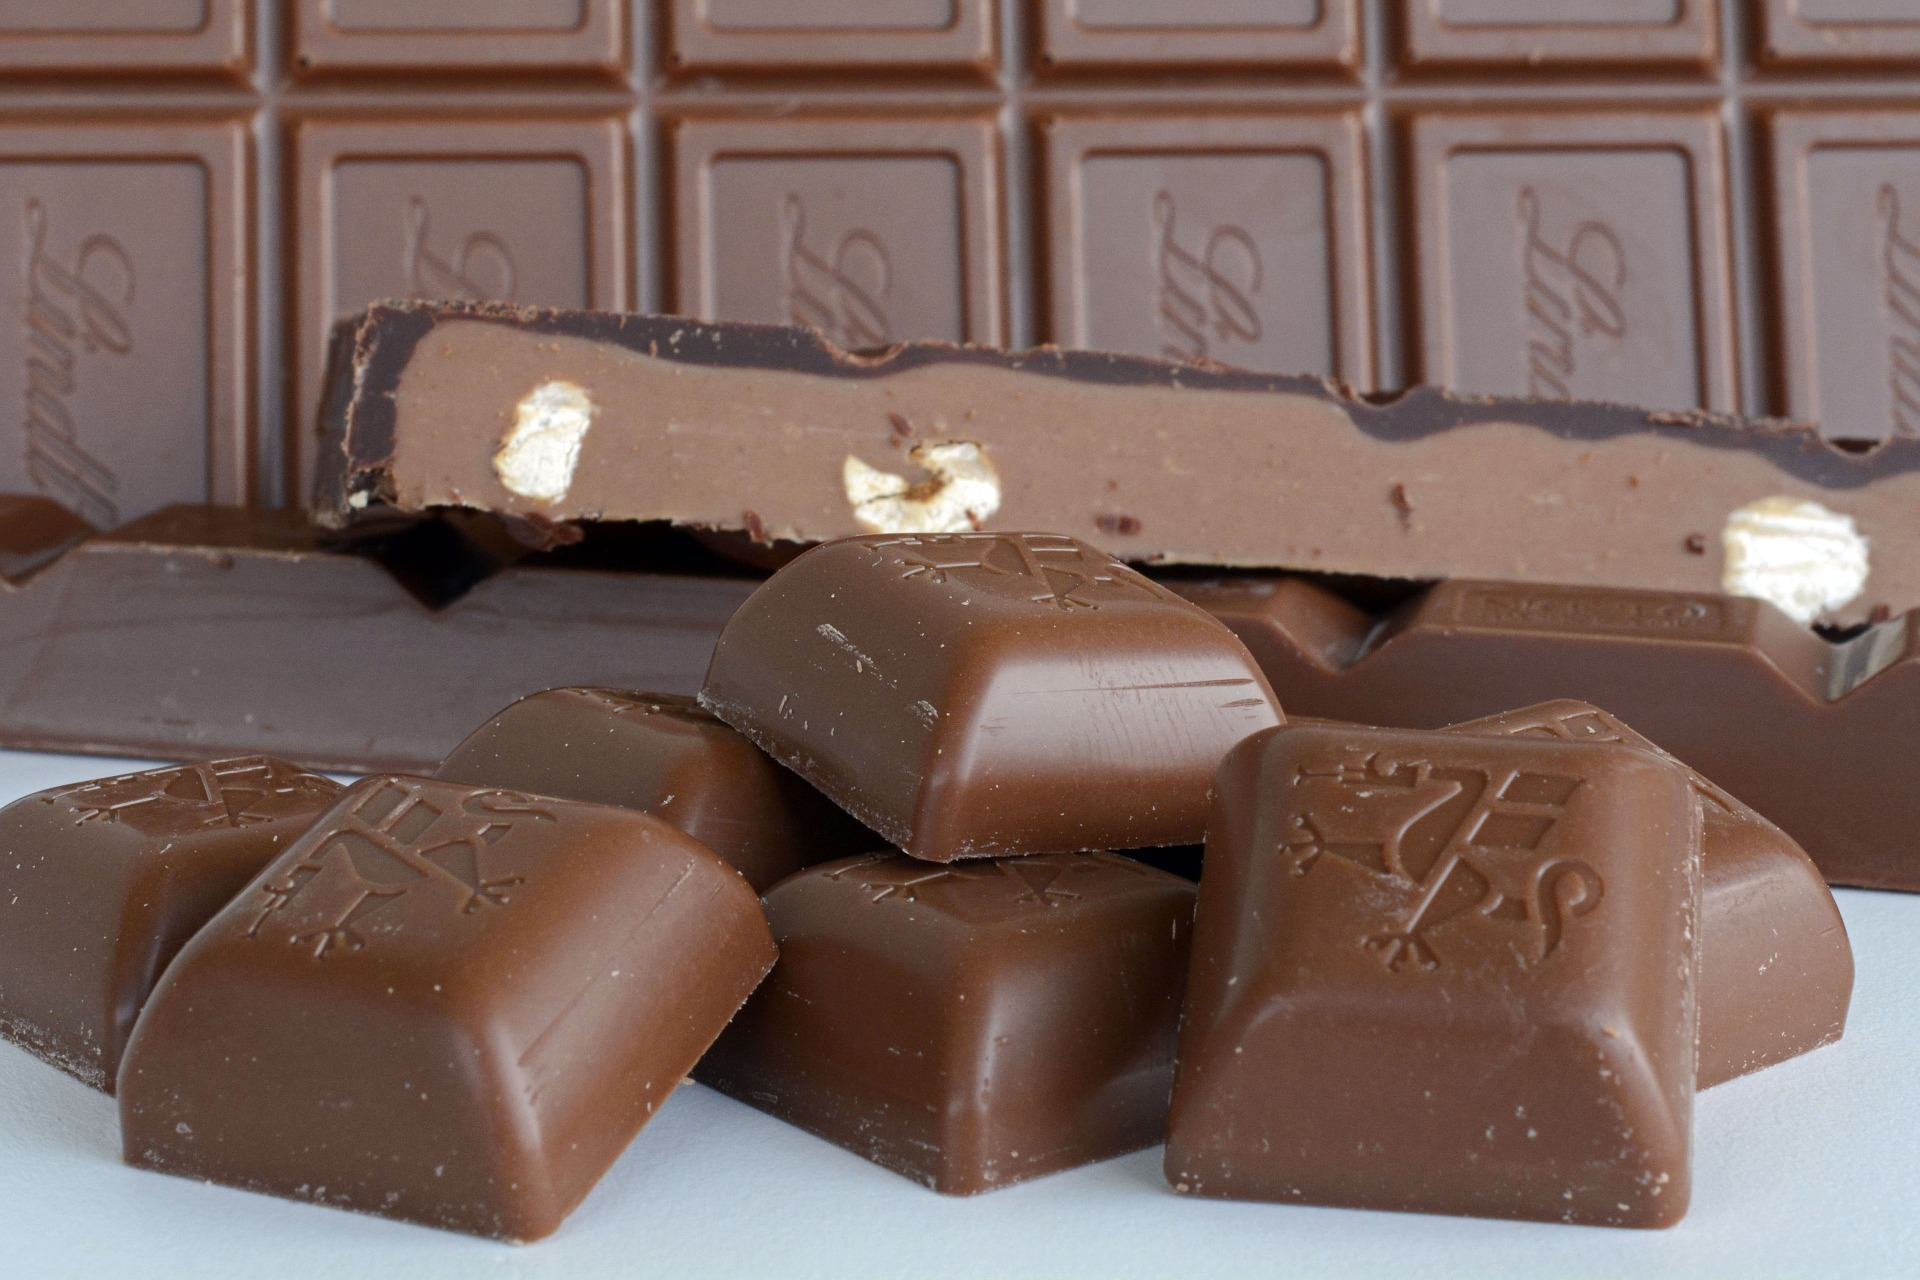 チョコ 砂糖 太る原因